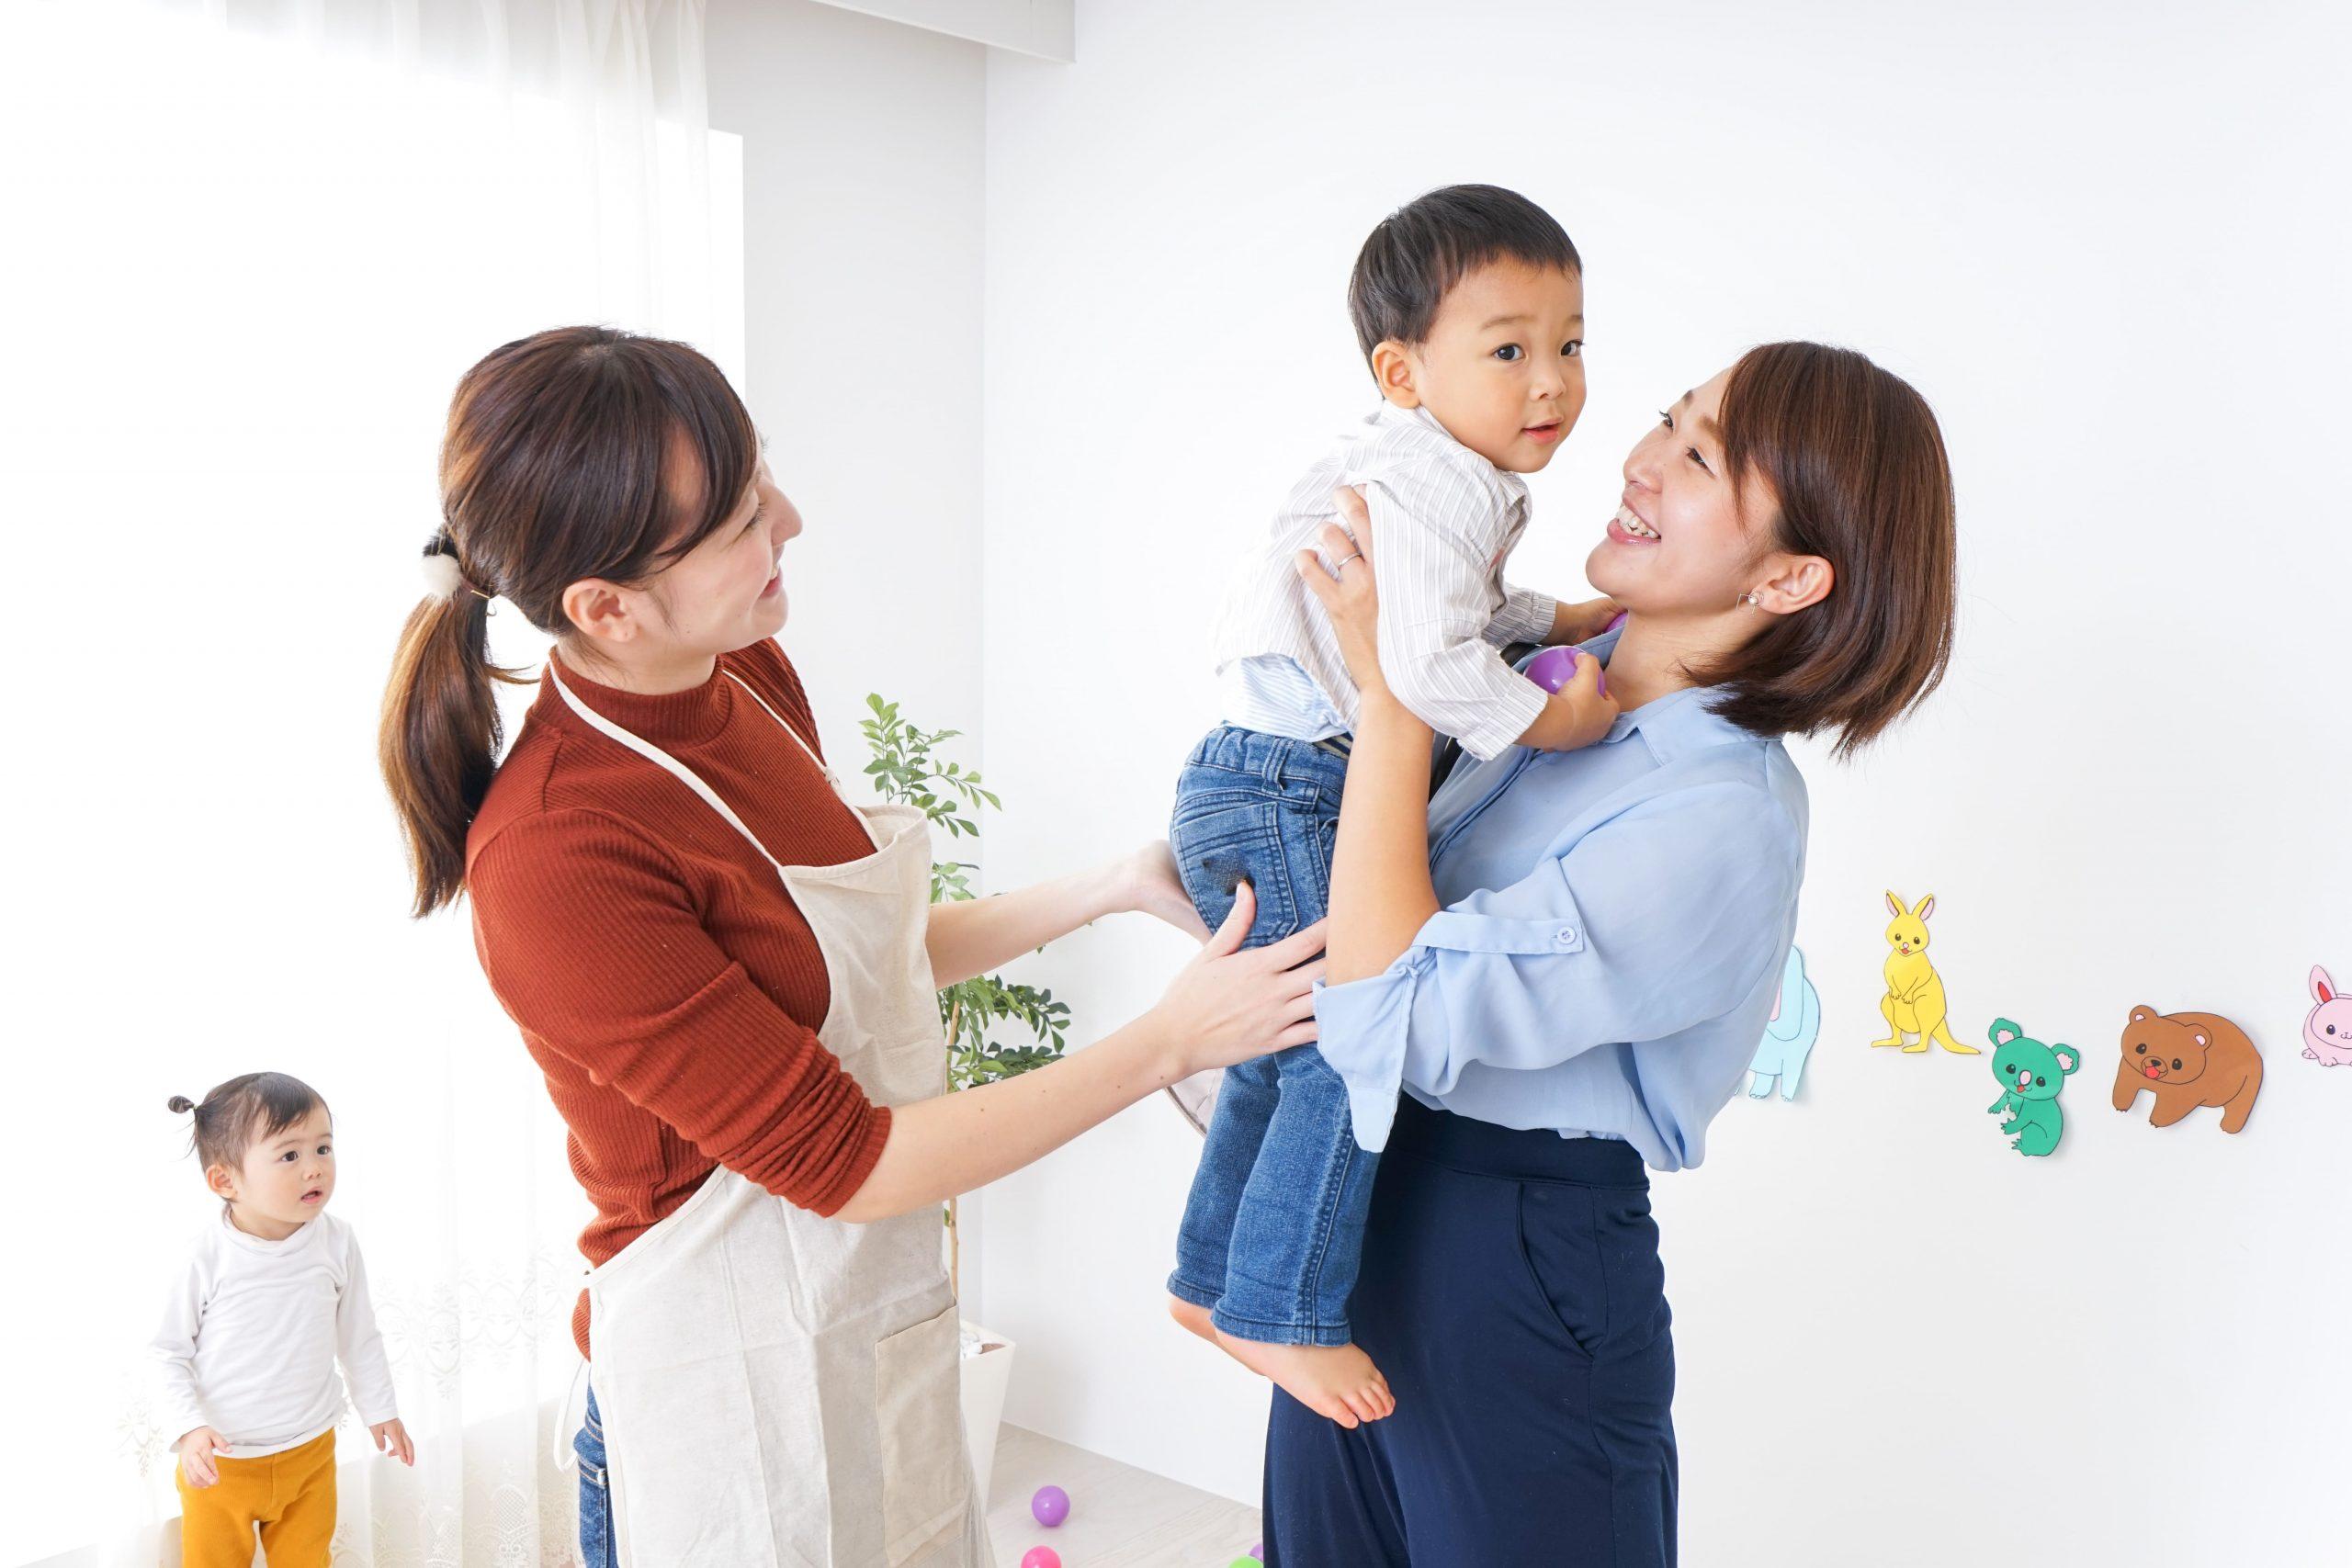 育児を支える!子ども・子育て支援新制度をわかりやすく解説!